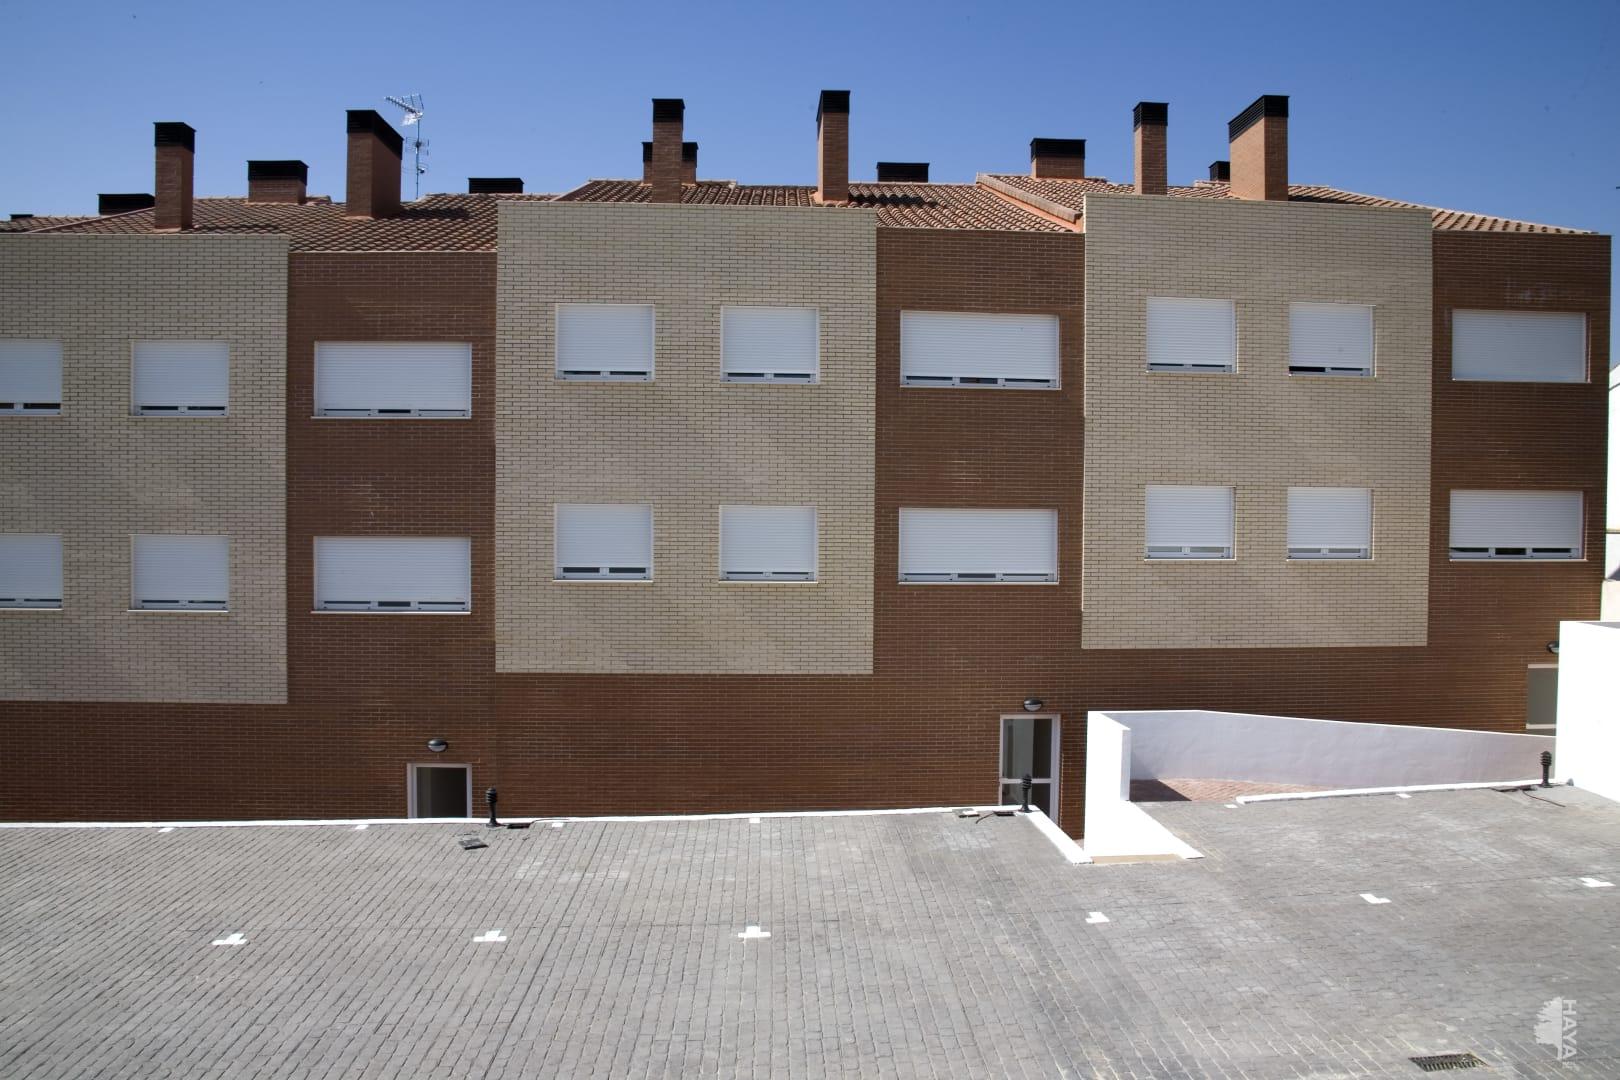 Local en venta en Chozas de Canales, Toledo, Calle Matadero, 11.300 €, 24 m2